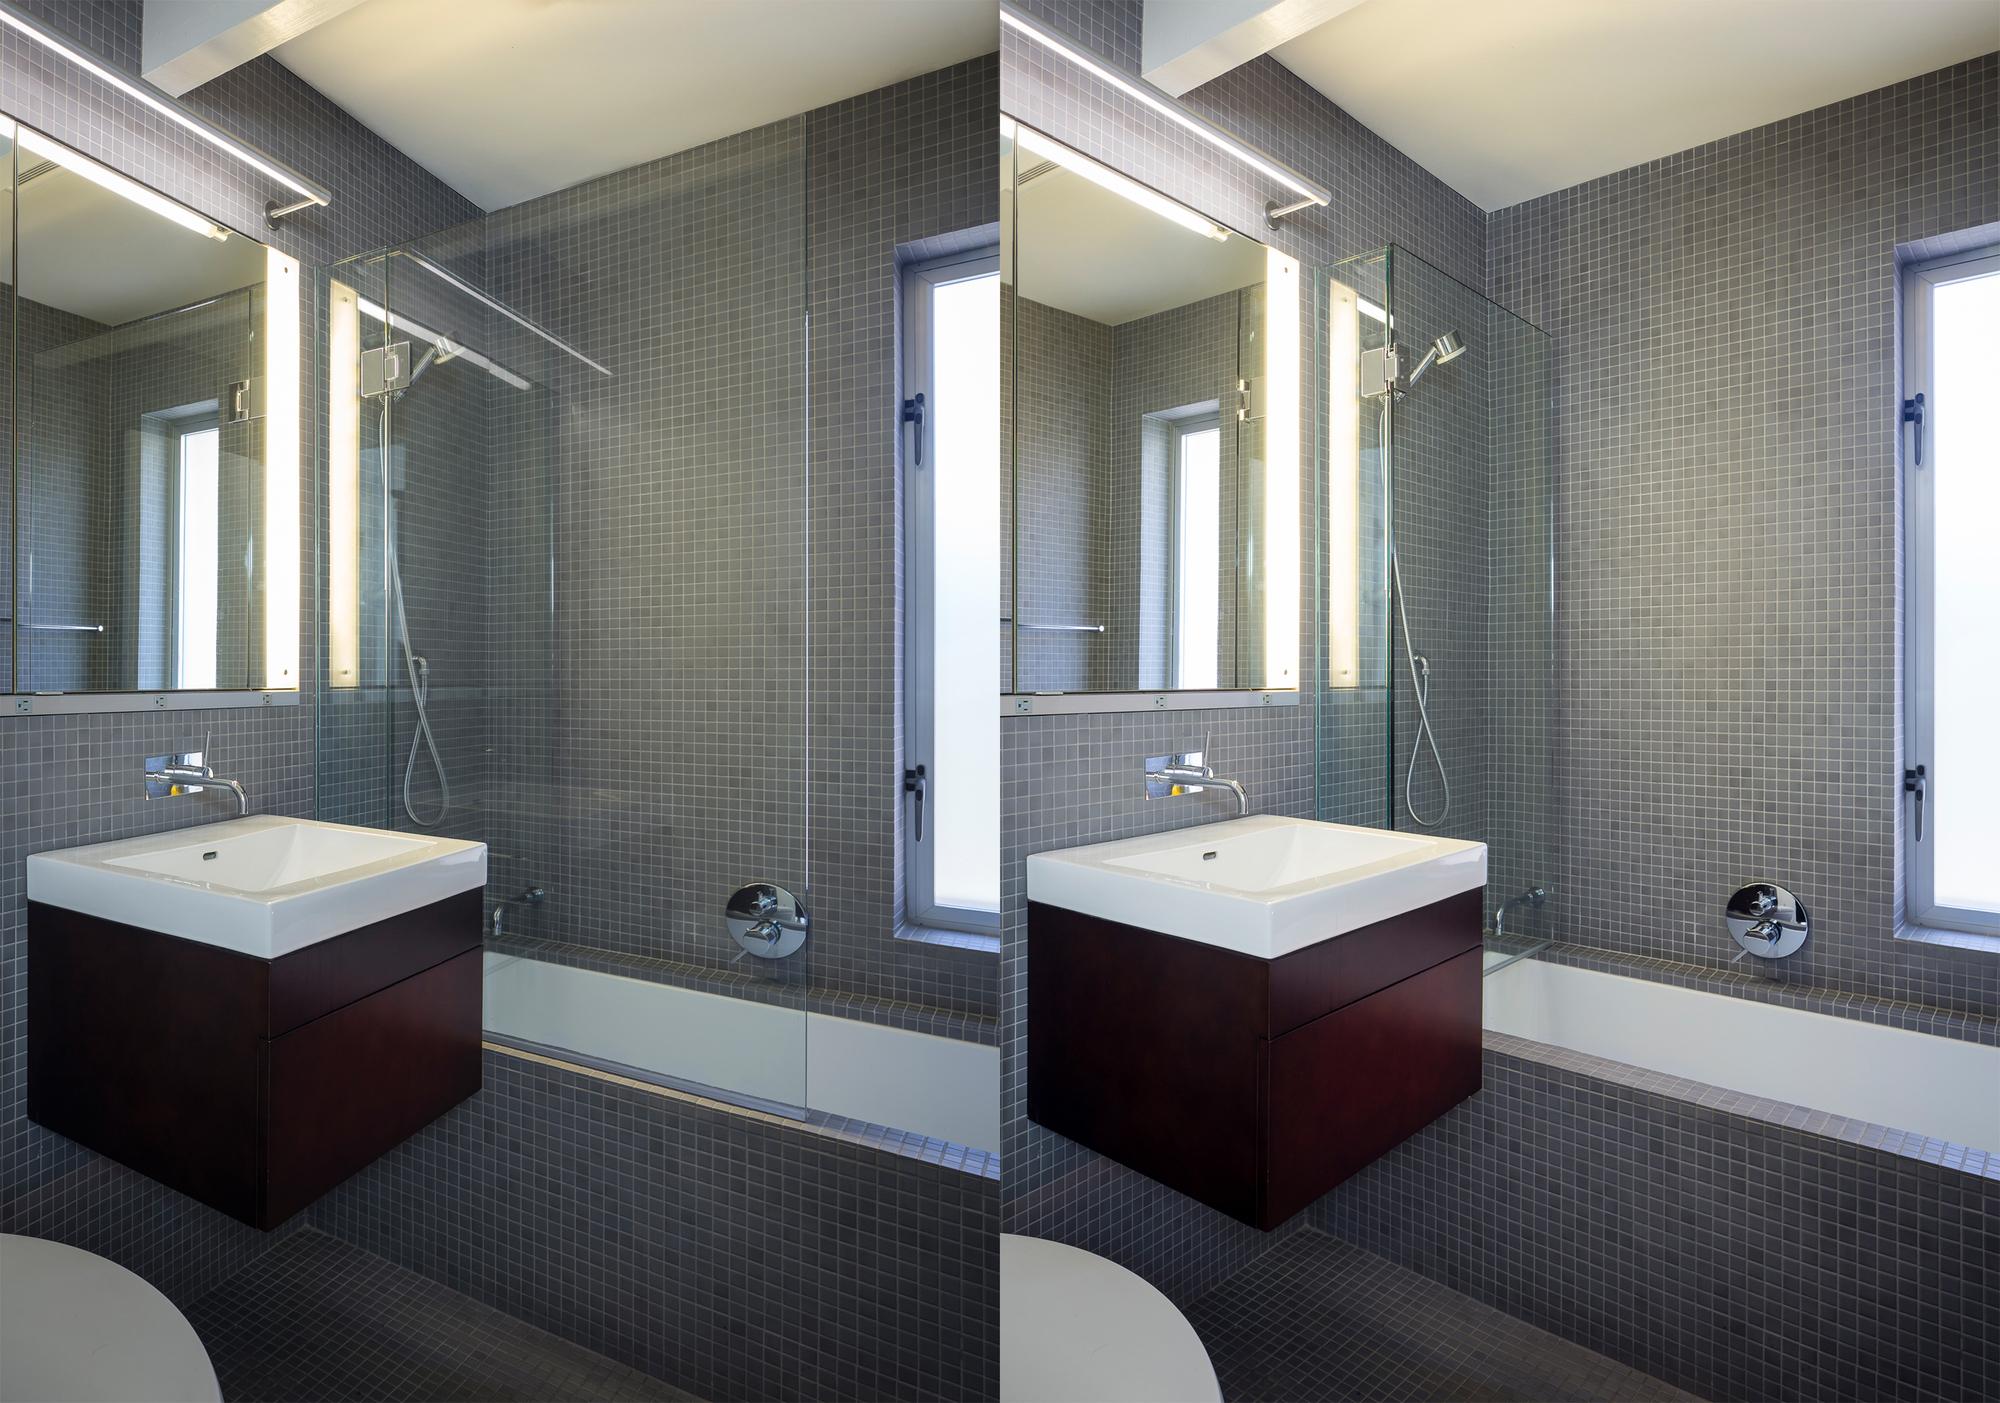 5306c813c07a80a2760000d6_shoup-residence-buildin-lab_2880px_shoup_bath